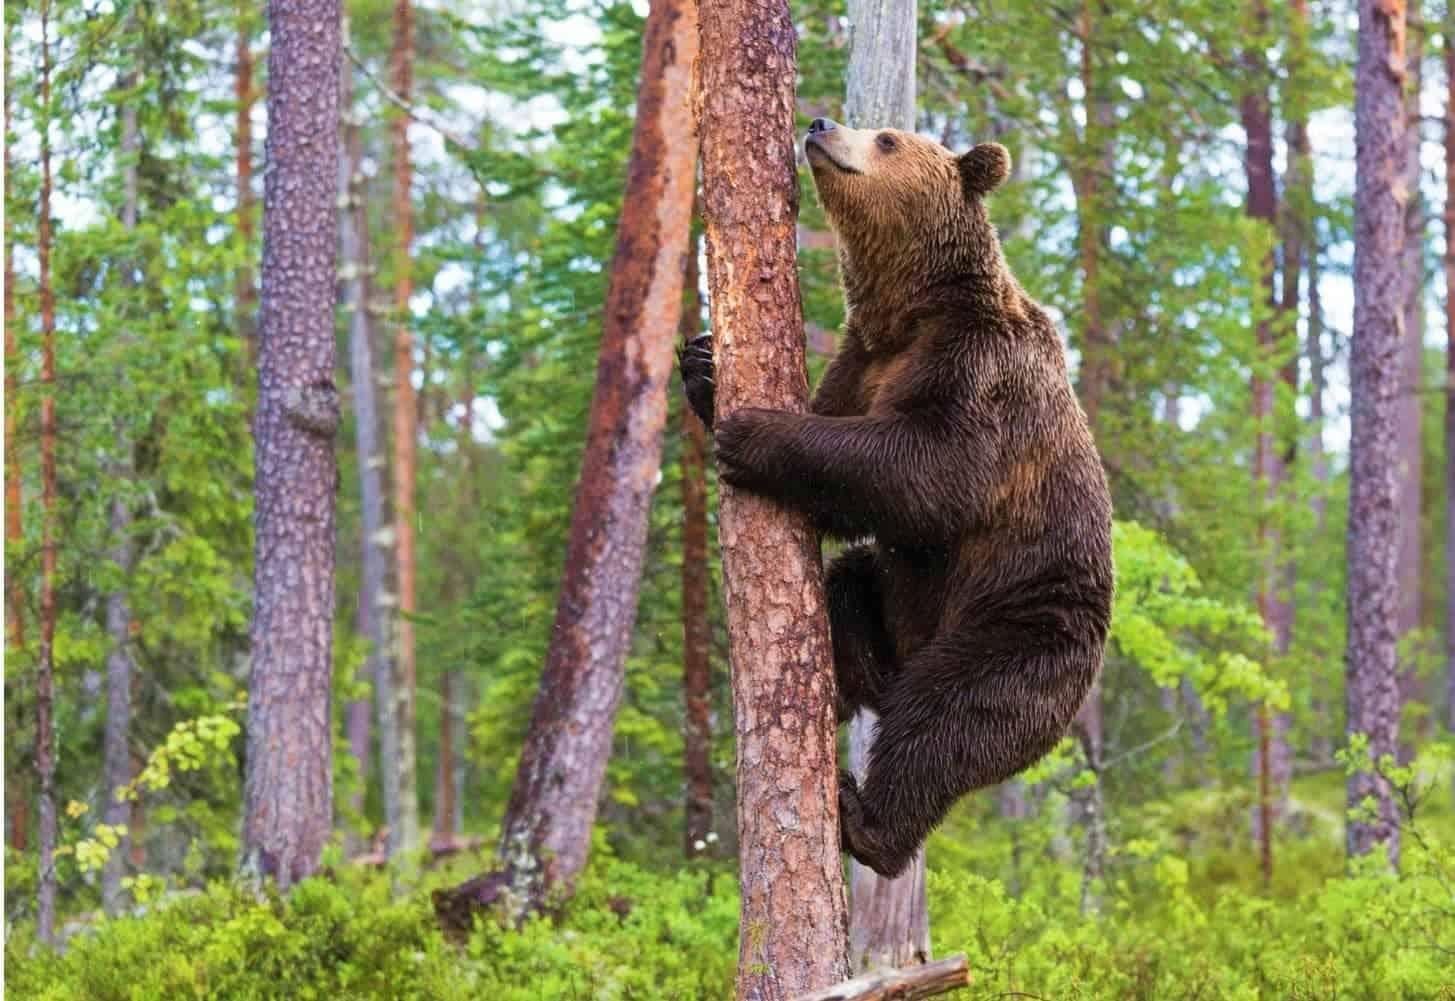 Bears Climbing Trees - Can Bears Climb Trees